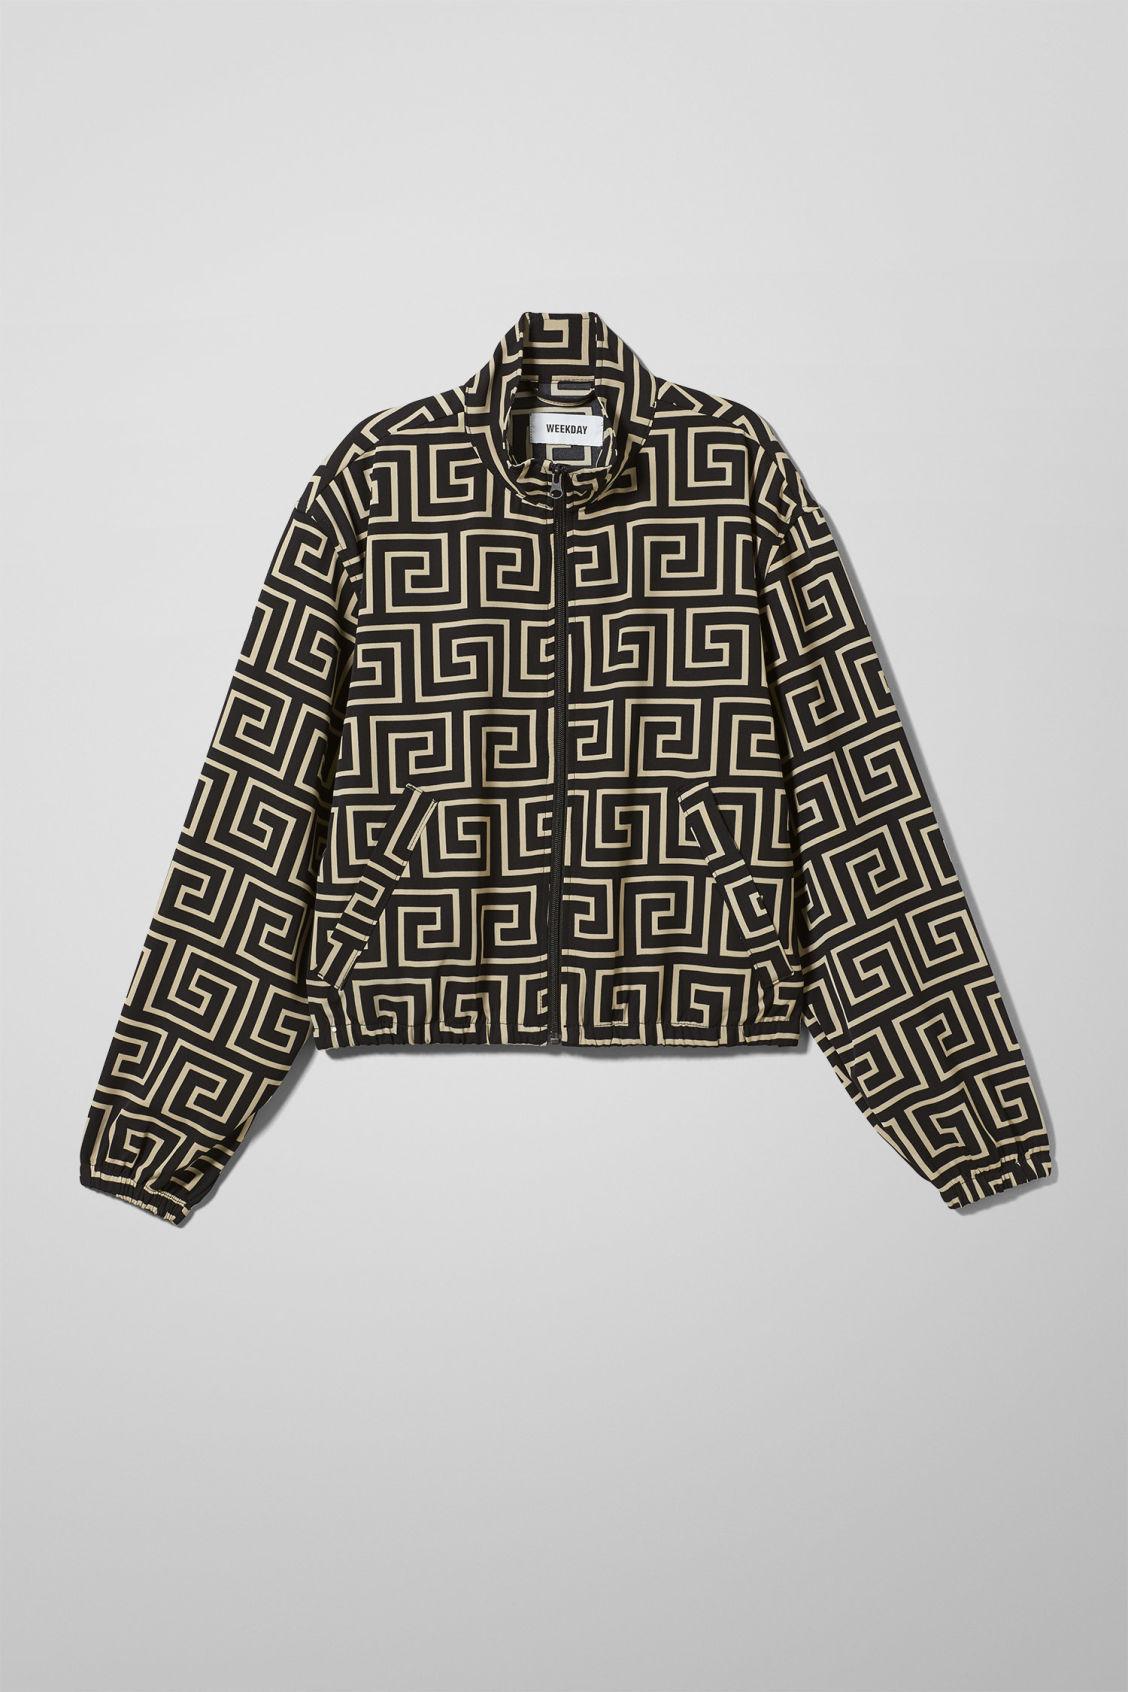 Belzi Jacketsamp; Weekday Black Jacket Coats lFK3TJ1c